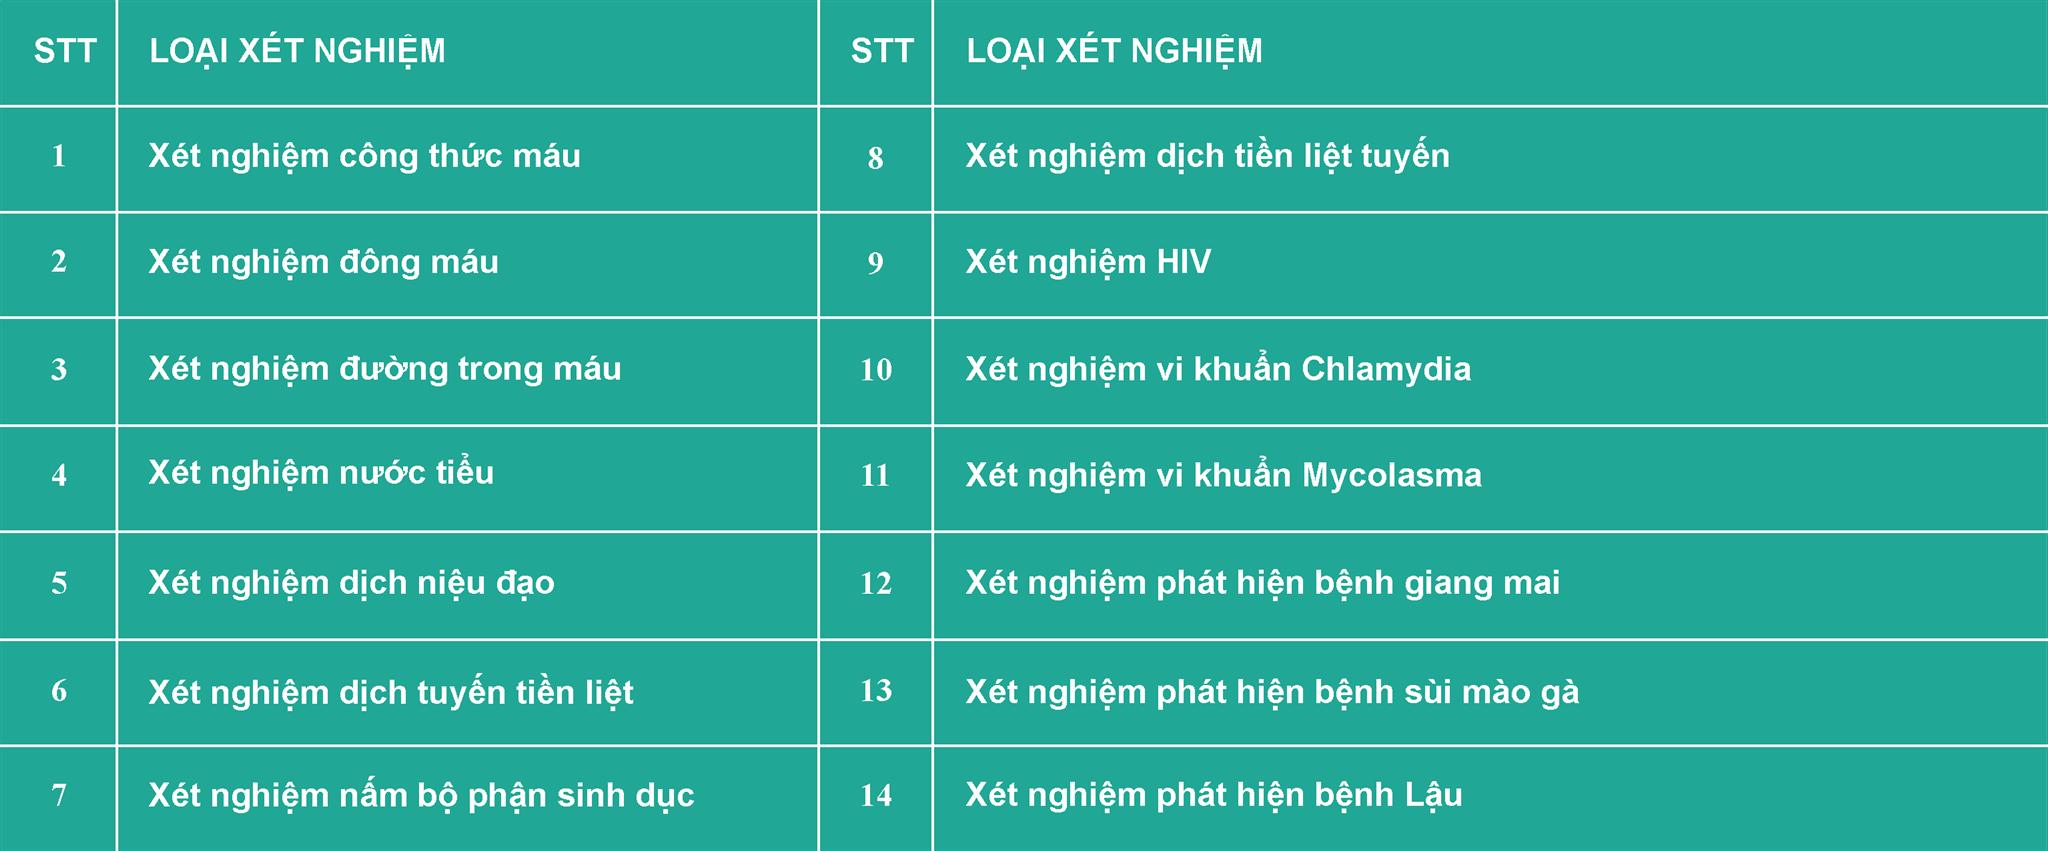 Kham Nam Khoa Tong Quat